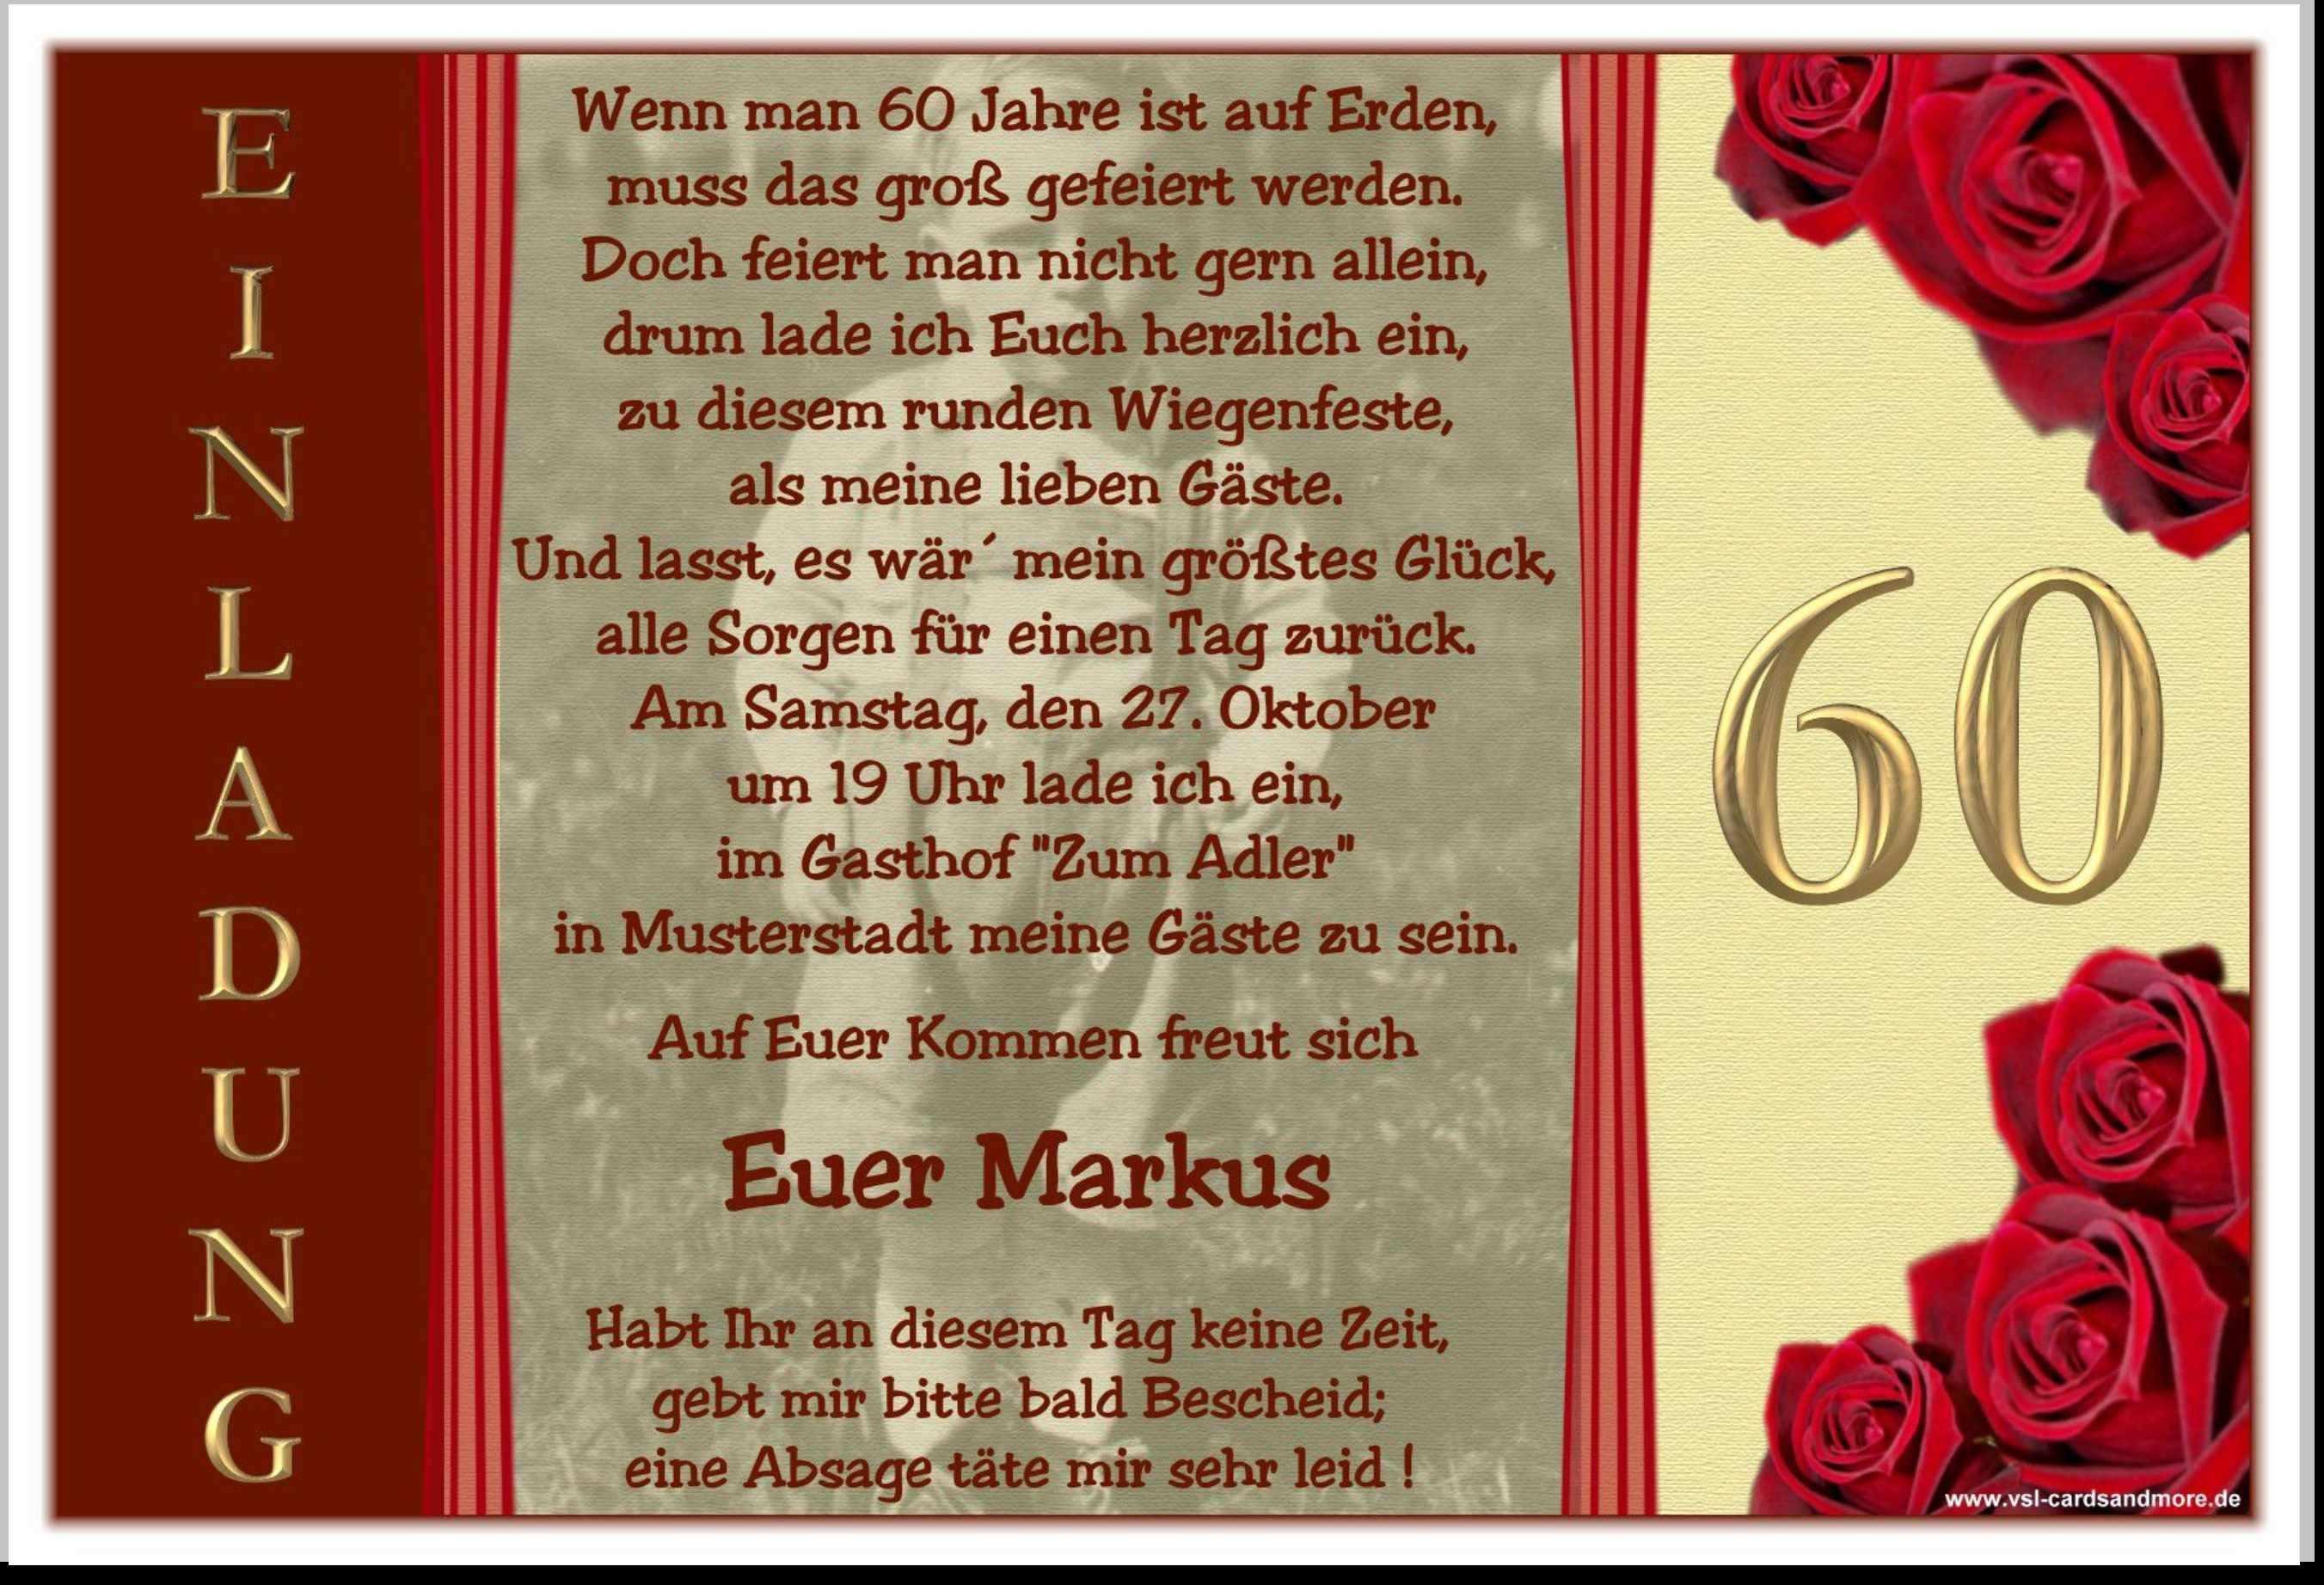 Einladungskarten 60 Geburtstag Vorlagen 60 Geburtstagseinladung Wurde Das Ganze So Einladung 60 Geburtstag Einladung Geburtstag Einladungskarten Geburtstag